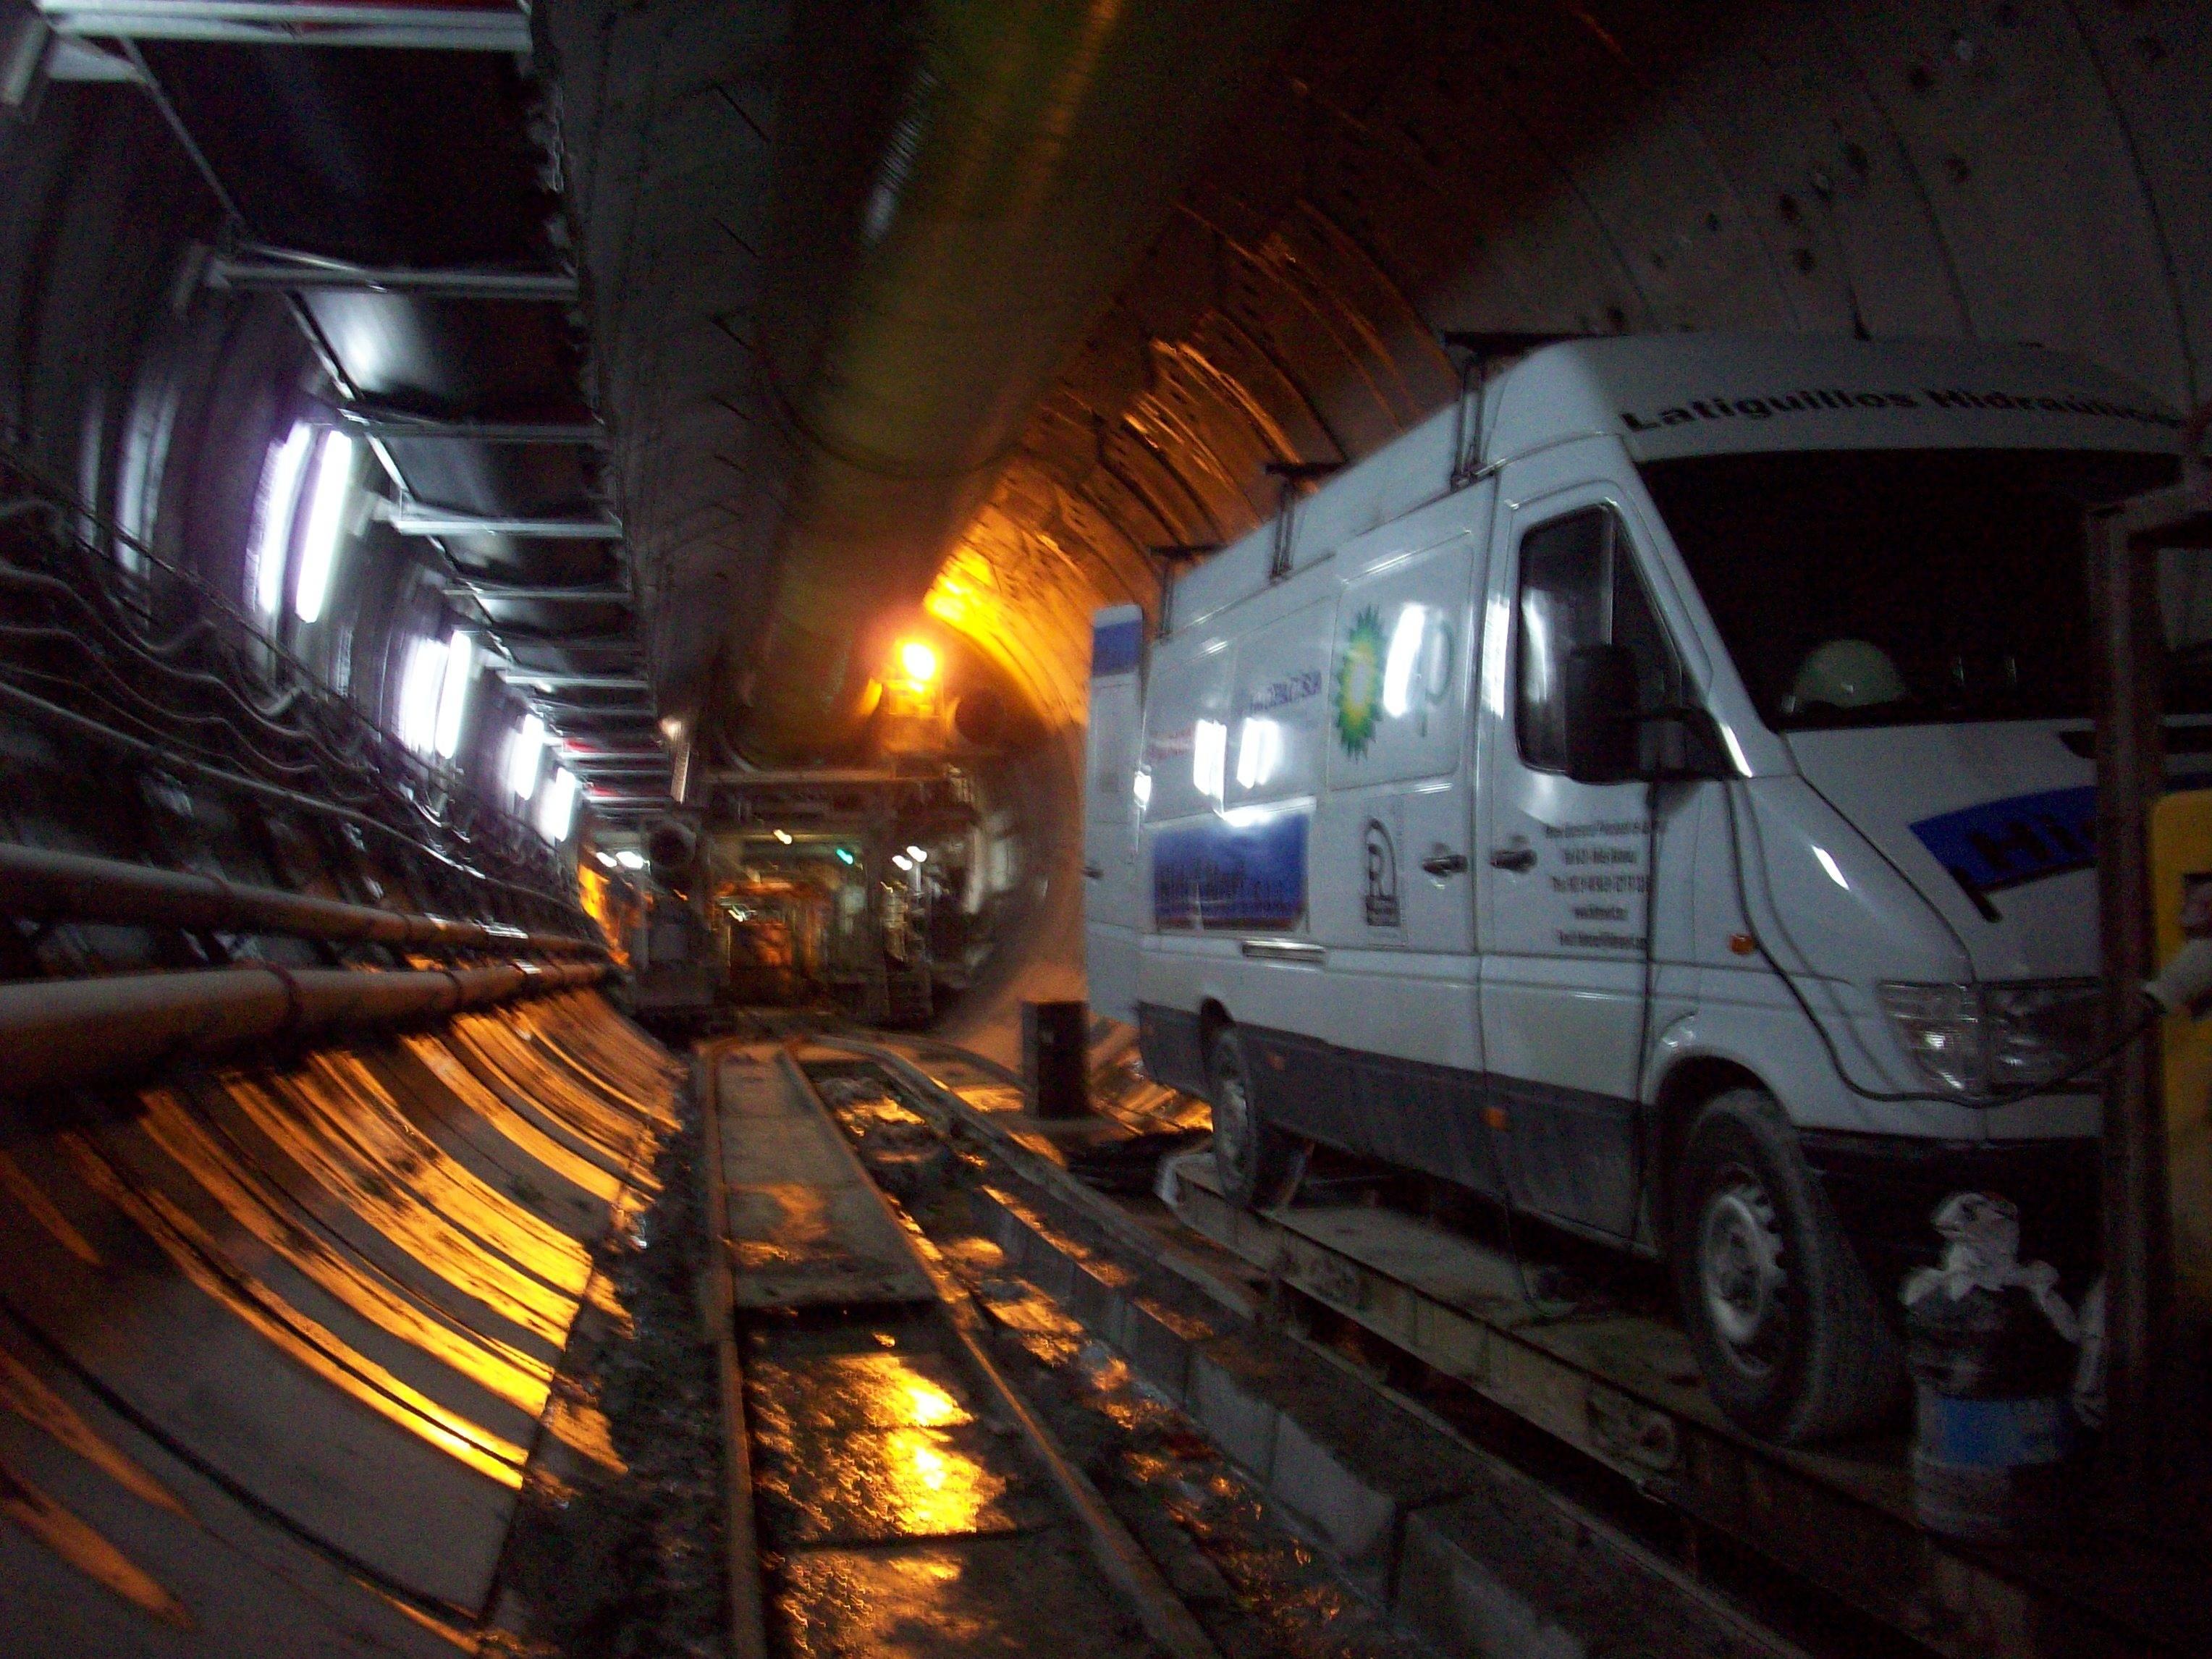 Hidranort especialistas en suministros hidráulicos y neumáticos